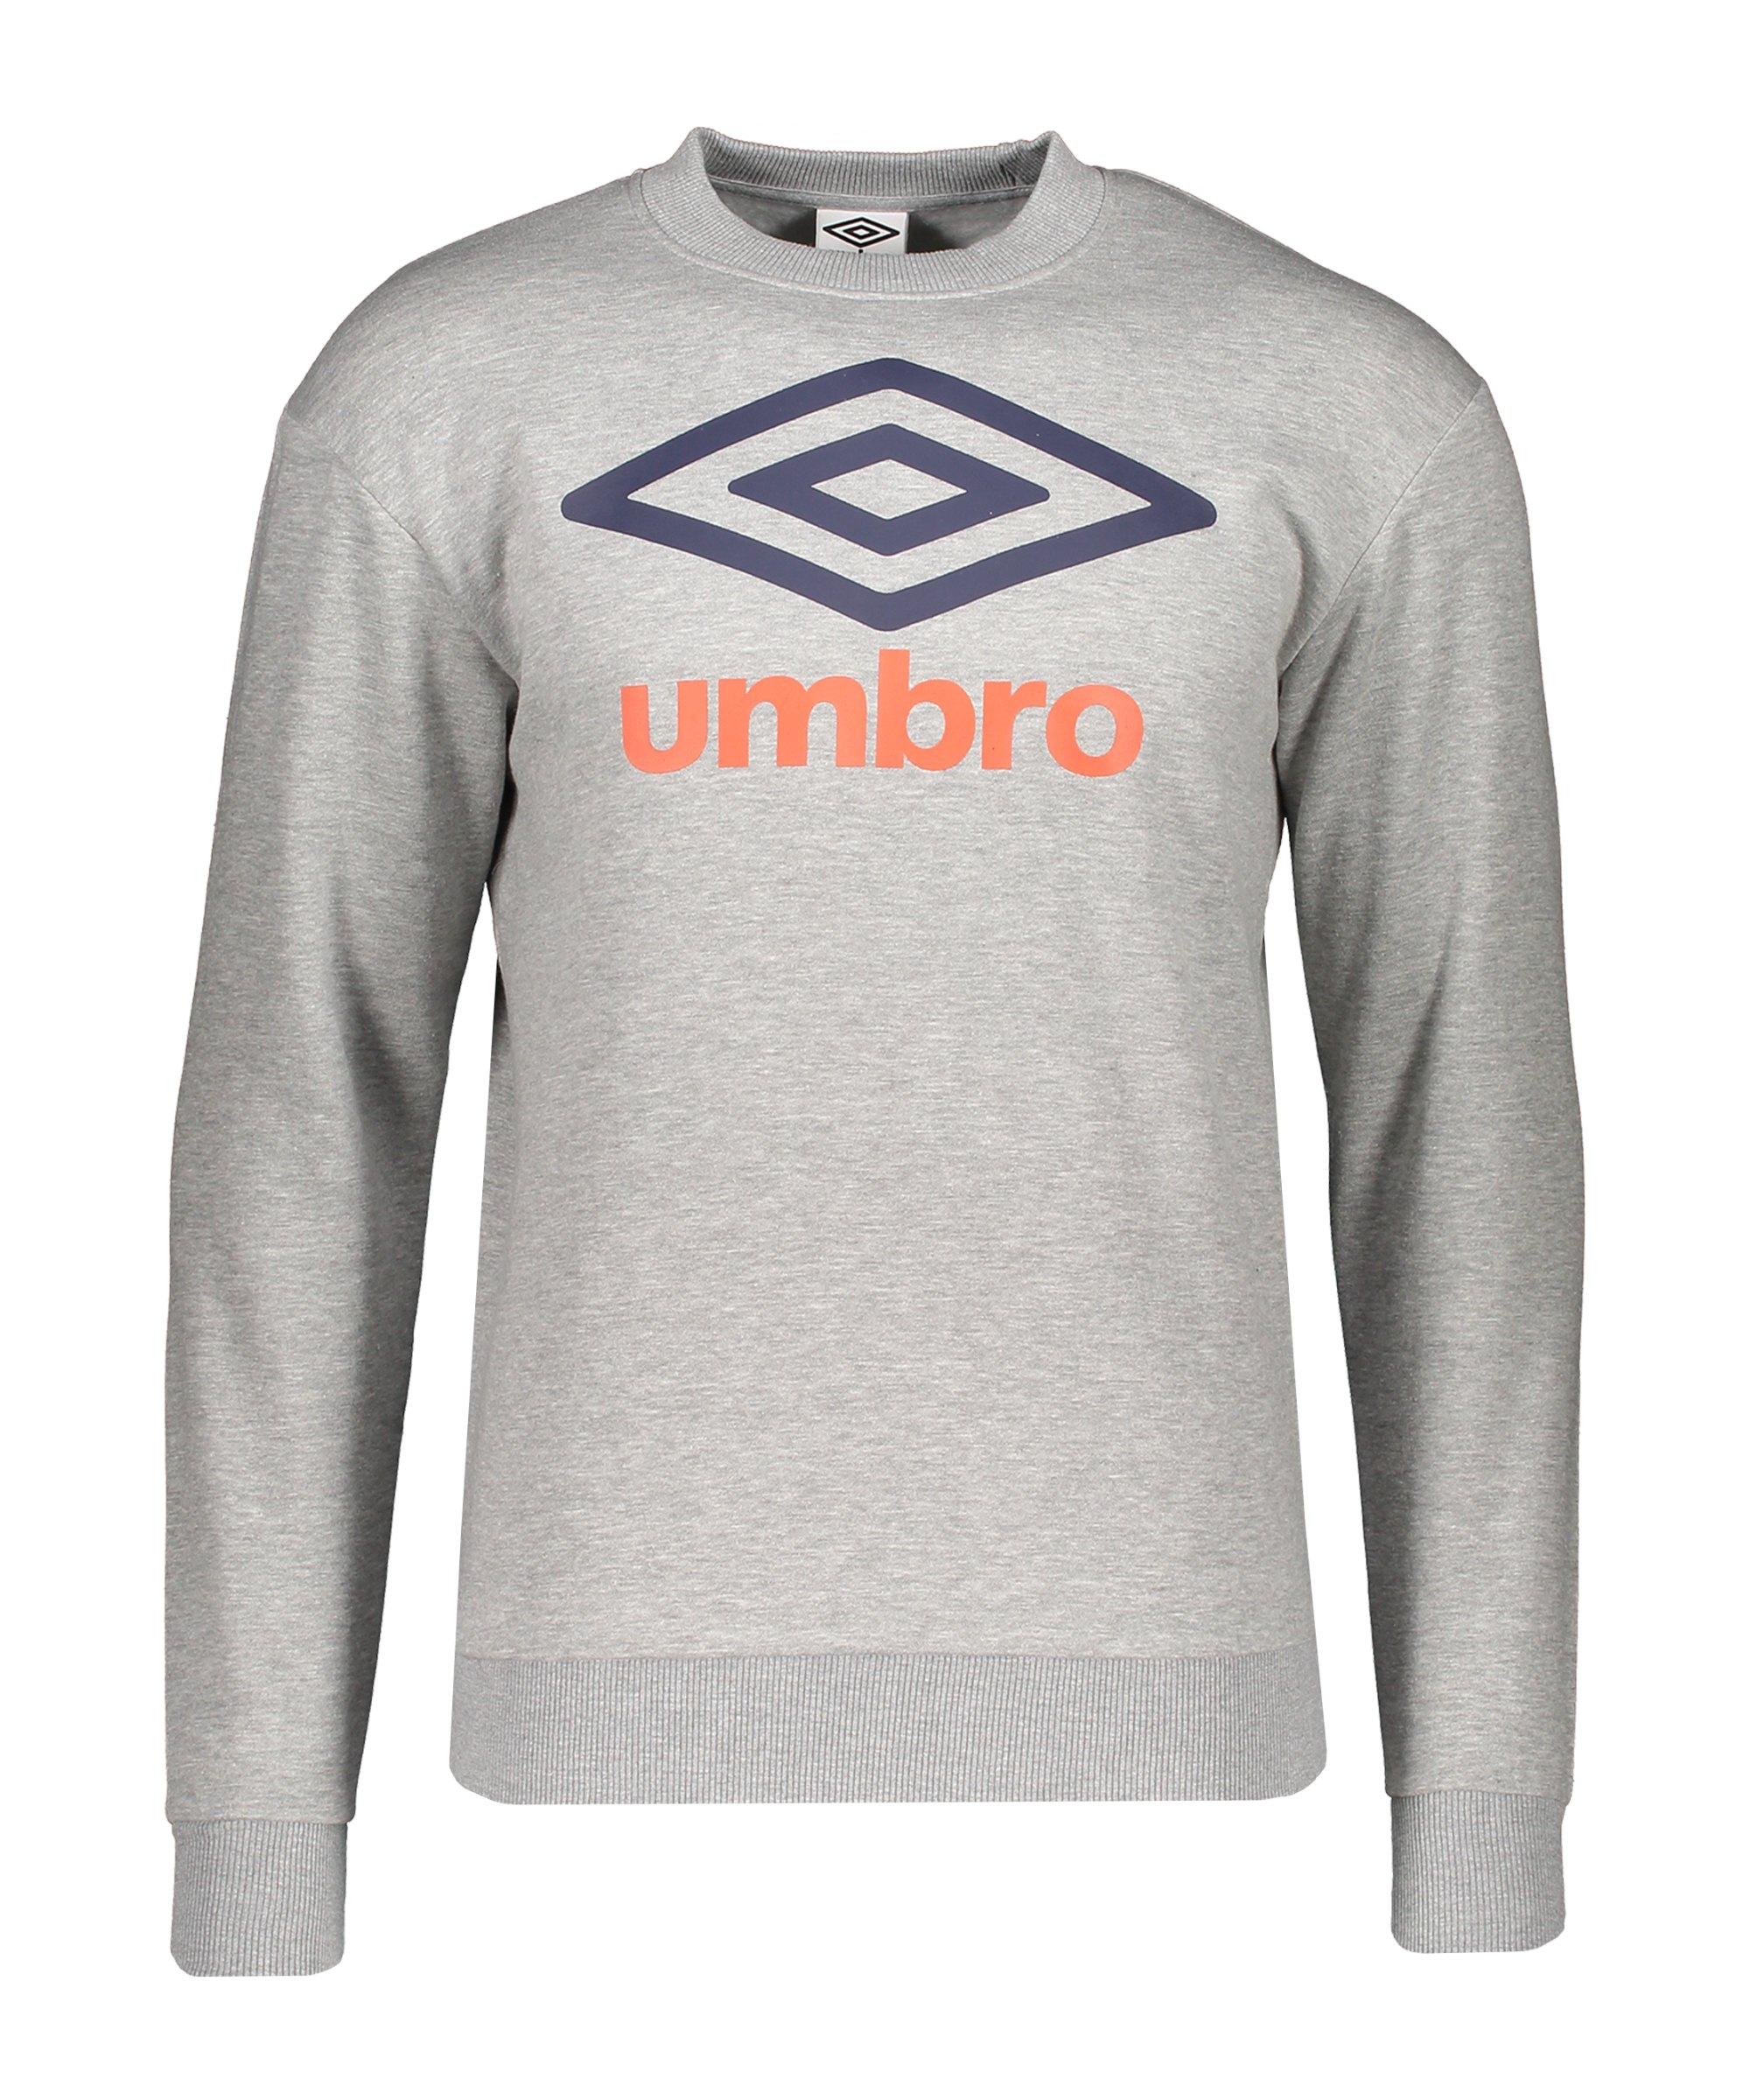 Umbro Large Logo Sweatshirt Grau FJGG - grau